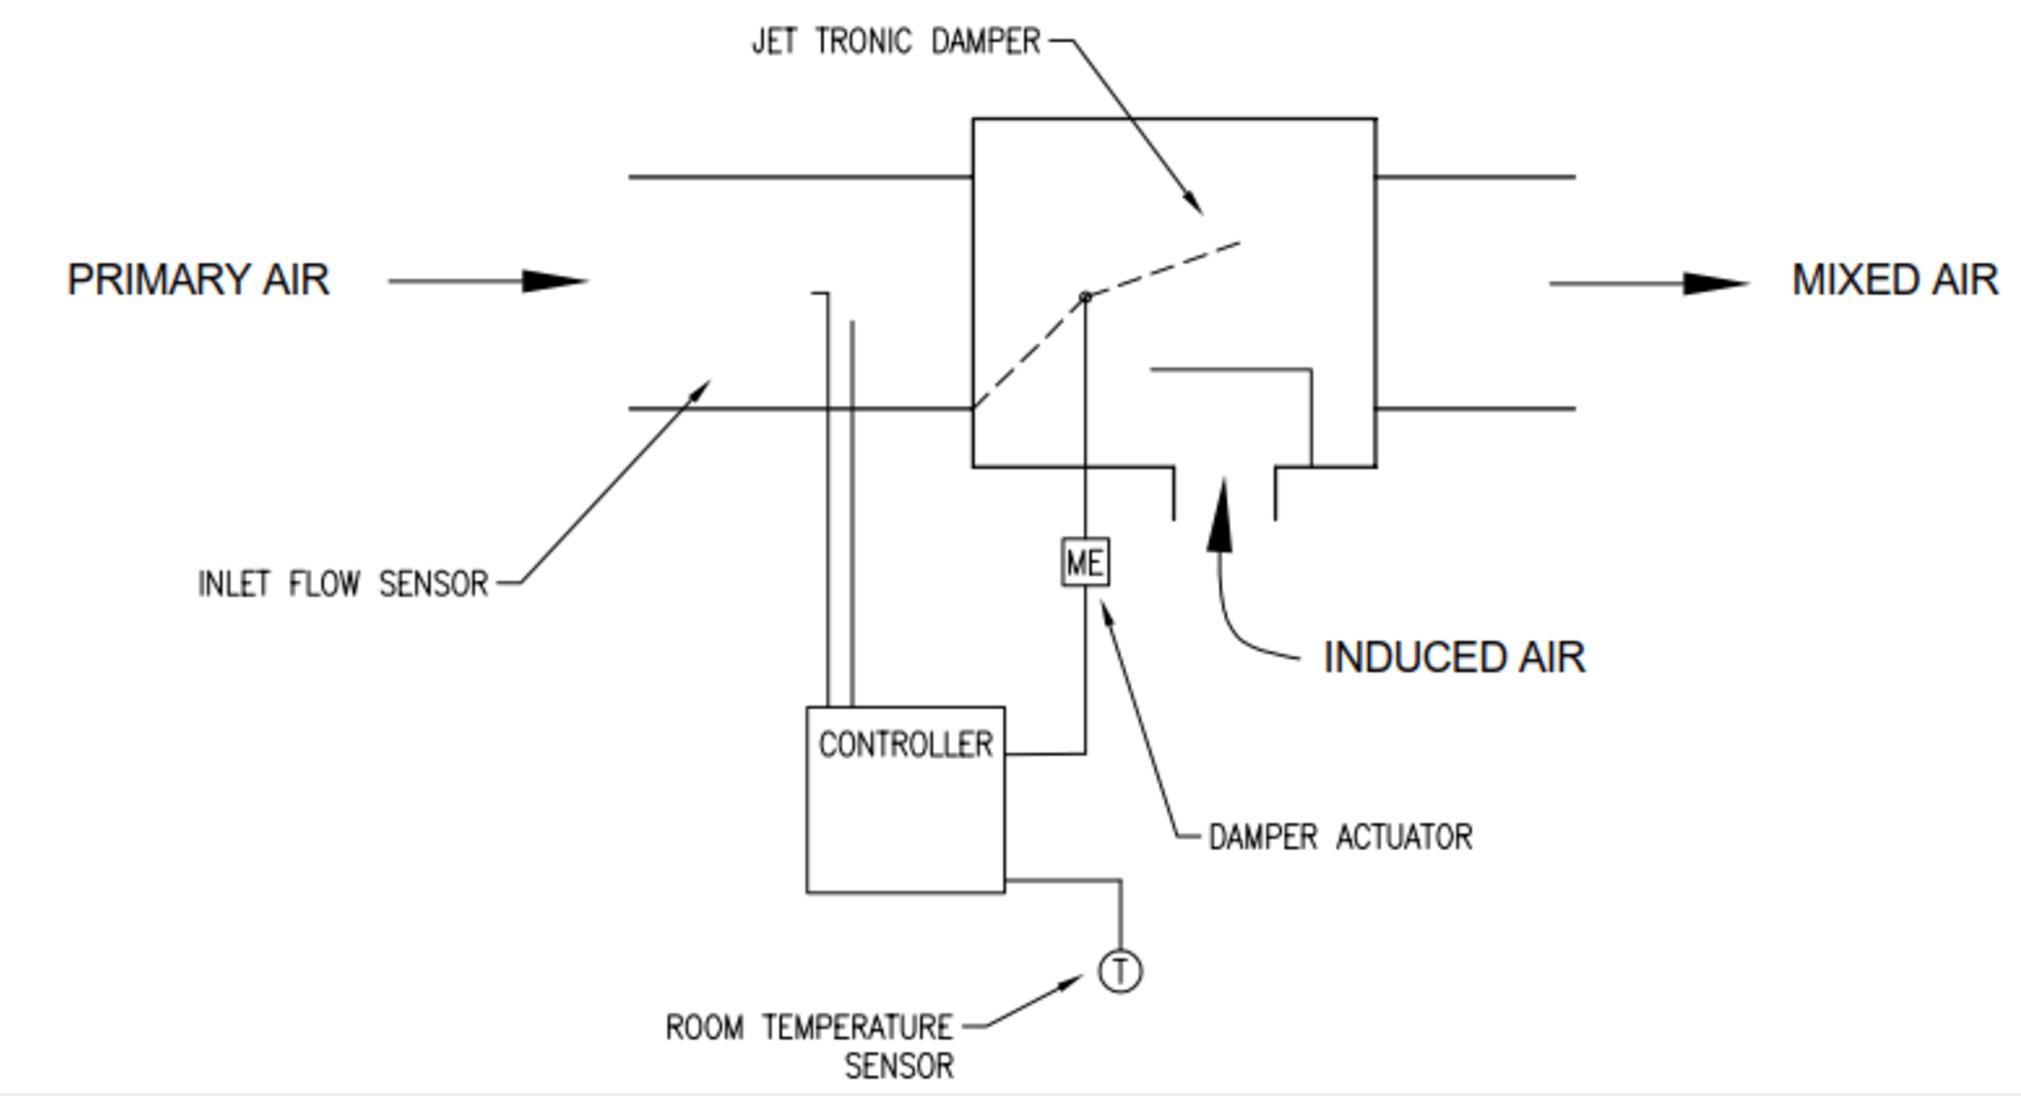 Wiring Diagram And Schematics